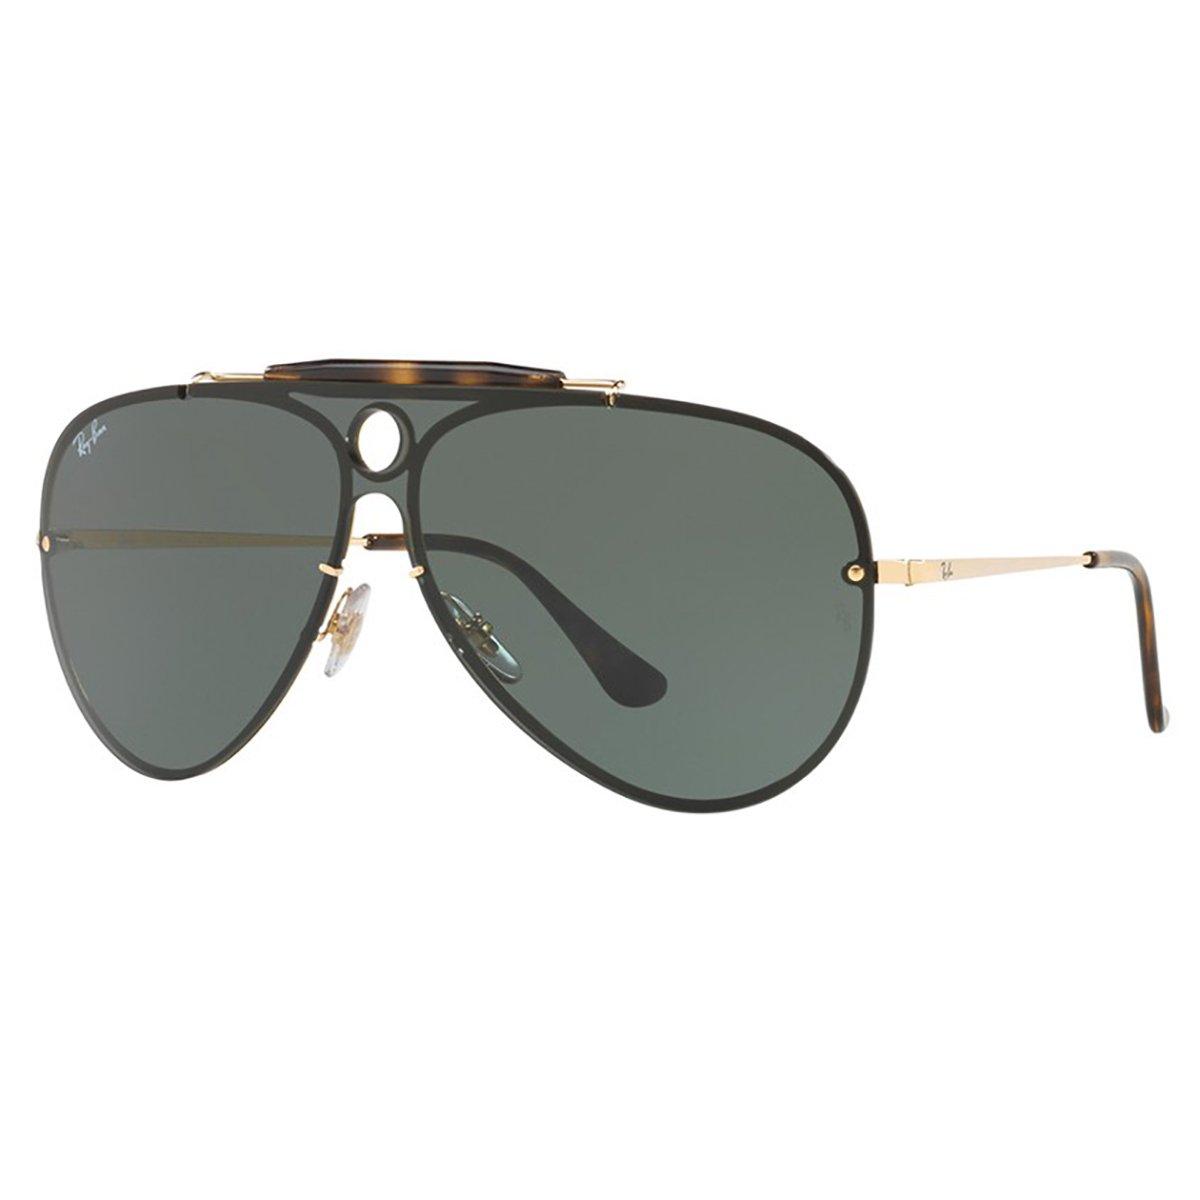 115516709d2d6 Compre Óculos de Sol Ray Ban Blaze Shooter em 10X